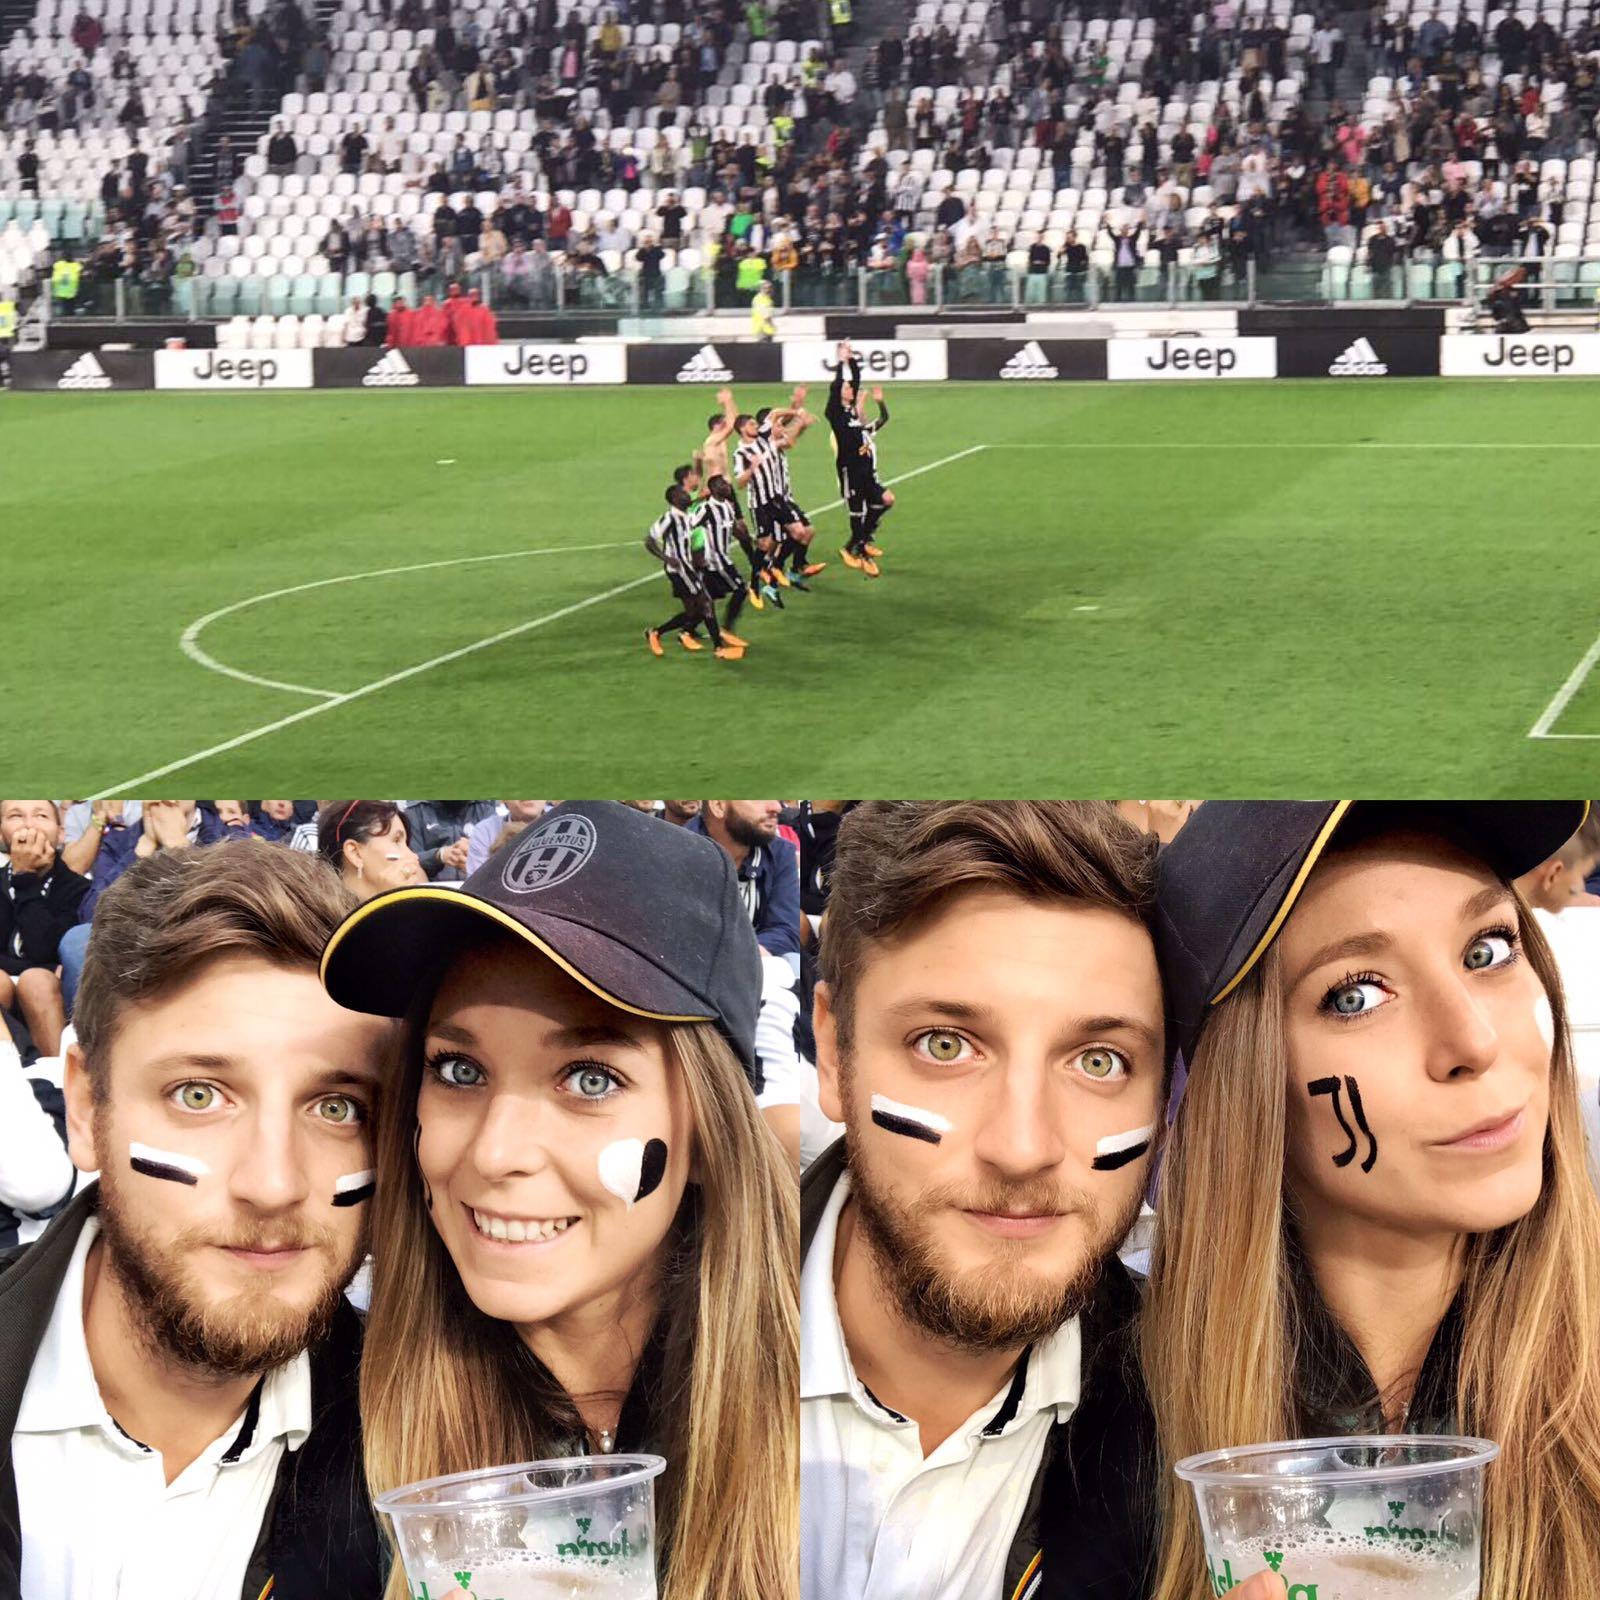 Juventus: Allianz Stadium